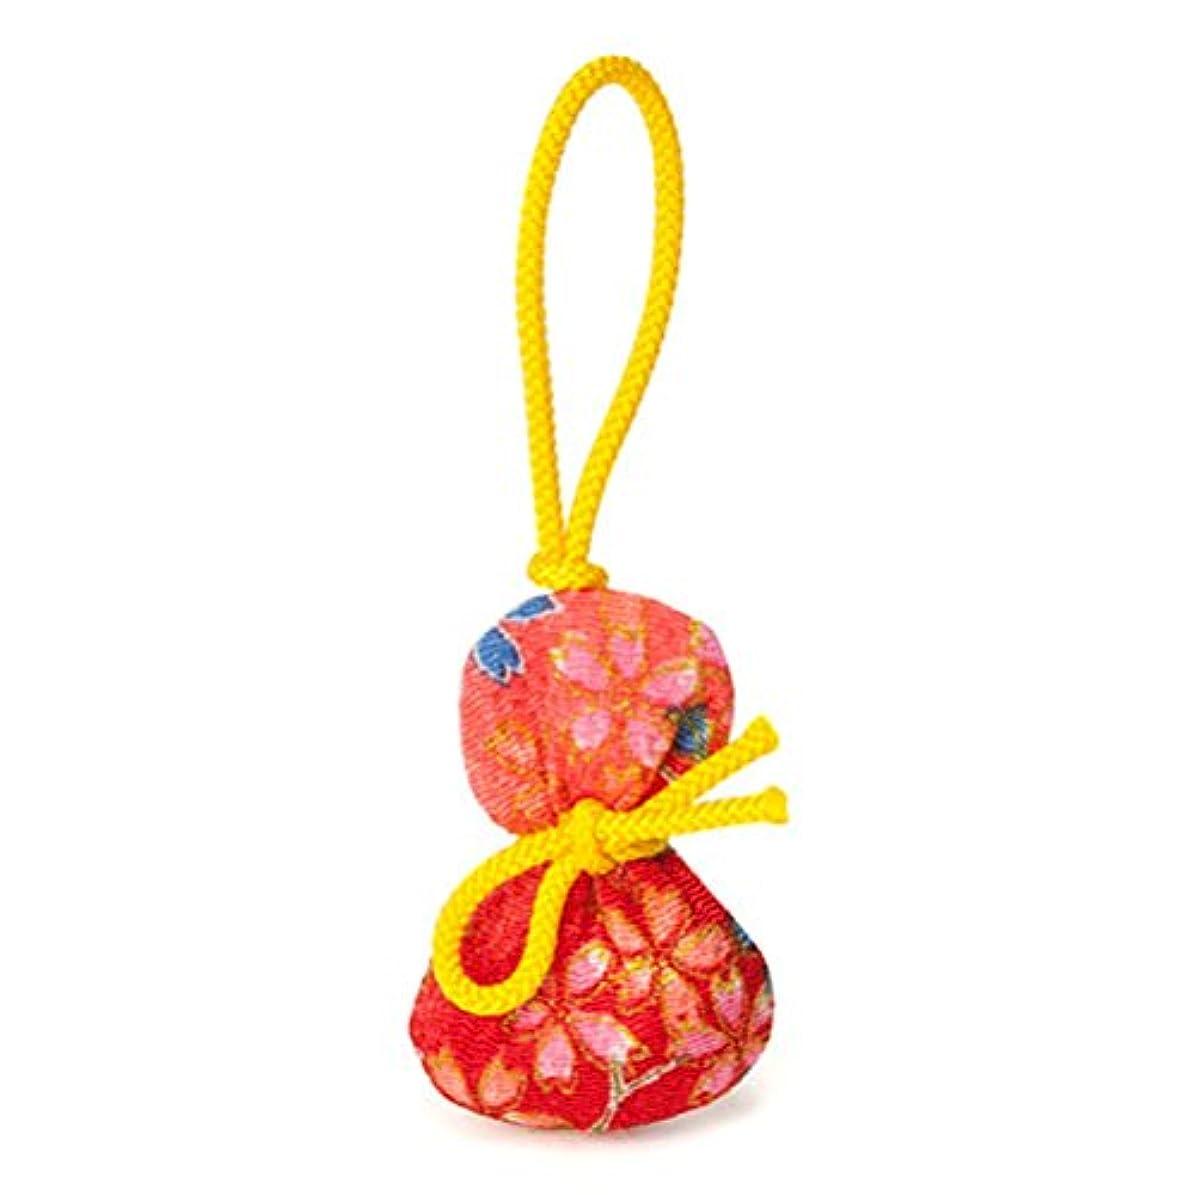 メッシュ免除するメロドラマティック松栄堂 匂い袋 誰が袖 ふくべ 1個入 ケースなし (柄か無地をお選びください) (柄)